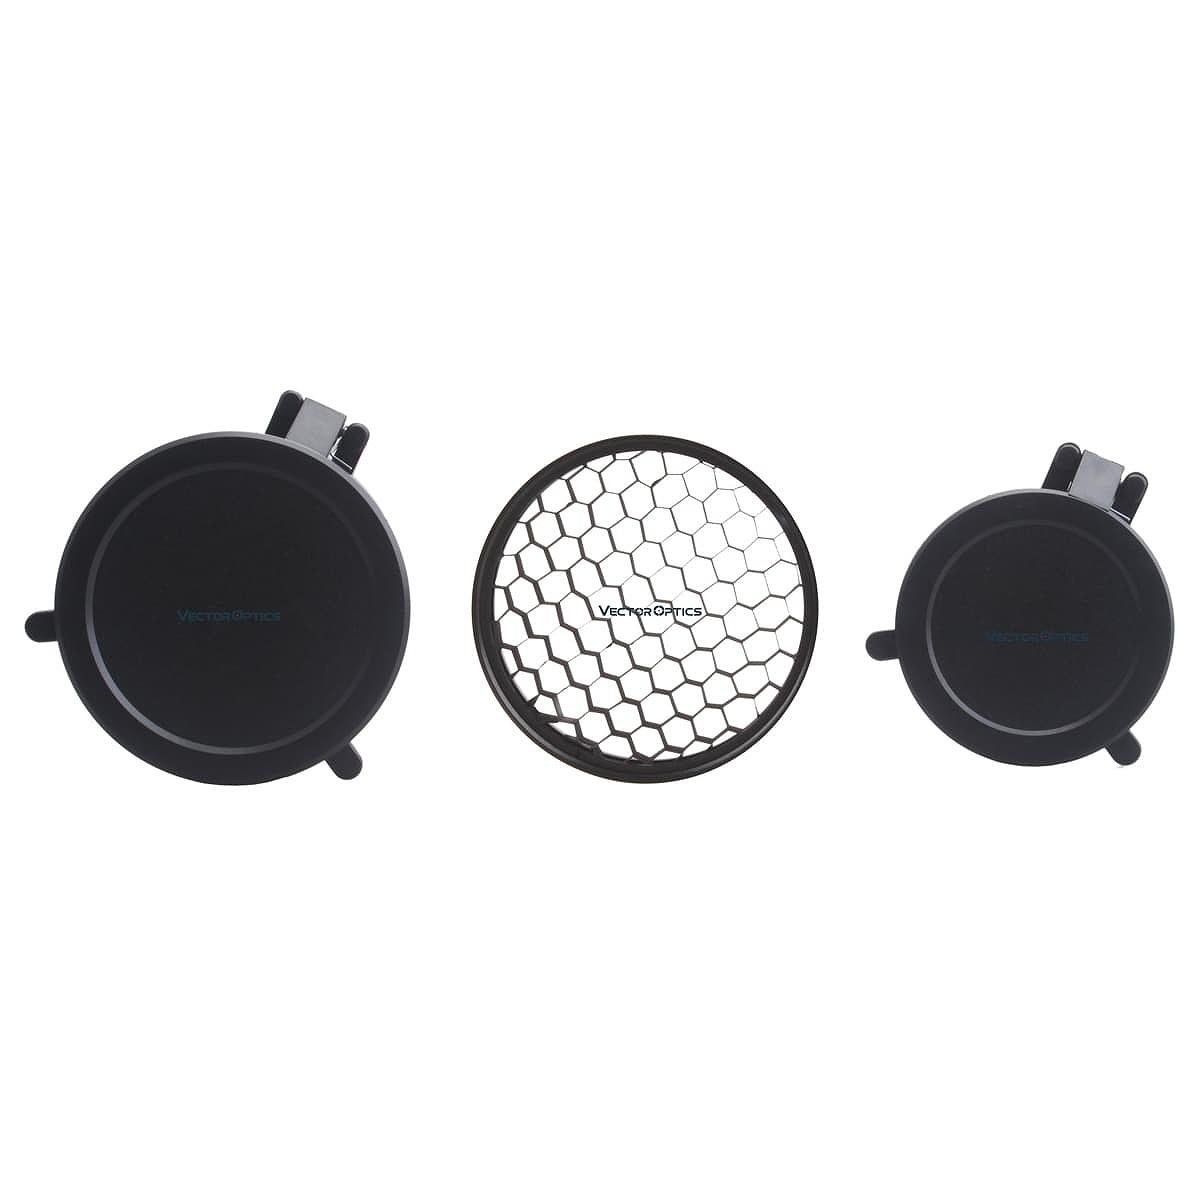 ベクターオプティクス  Tourex 6-24x50  Vector Optics SCFF-19